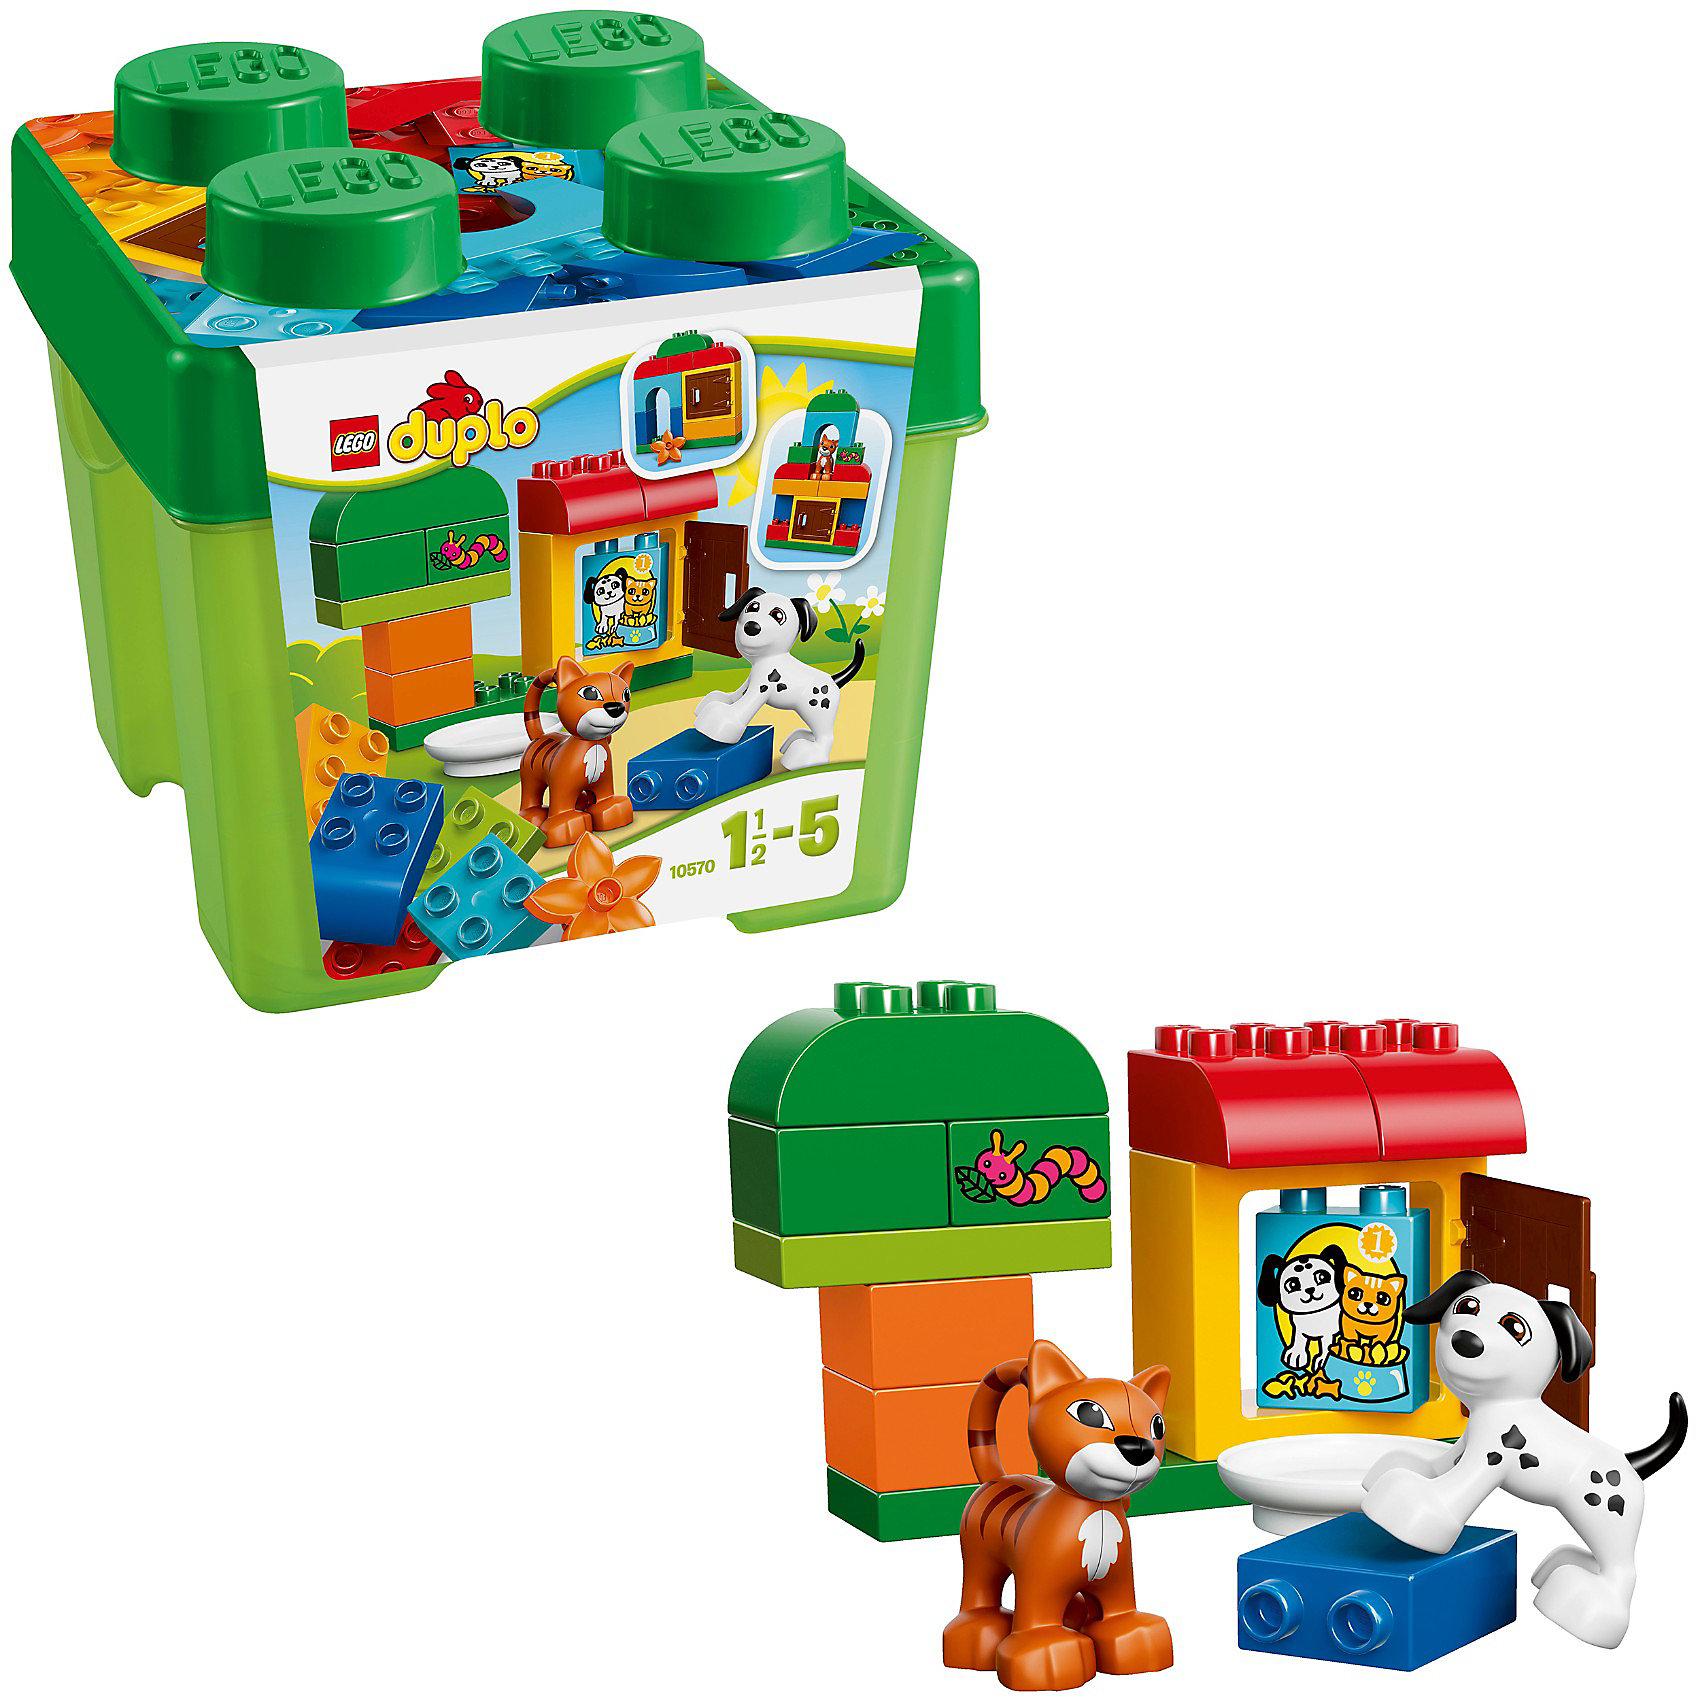 LEGO DUPLO 10570: Лучшие друзья: кот и пёс